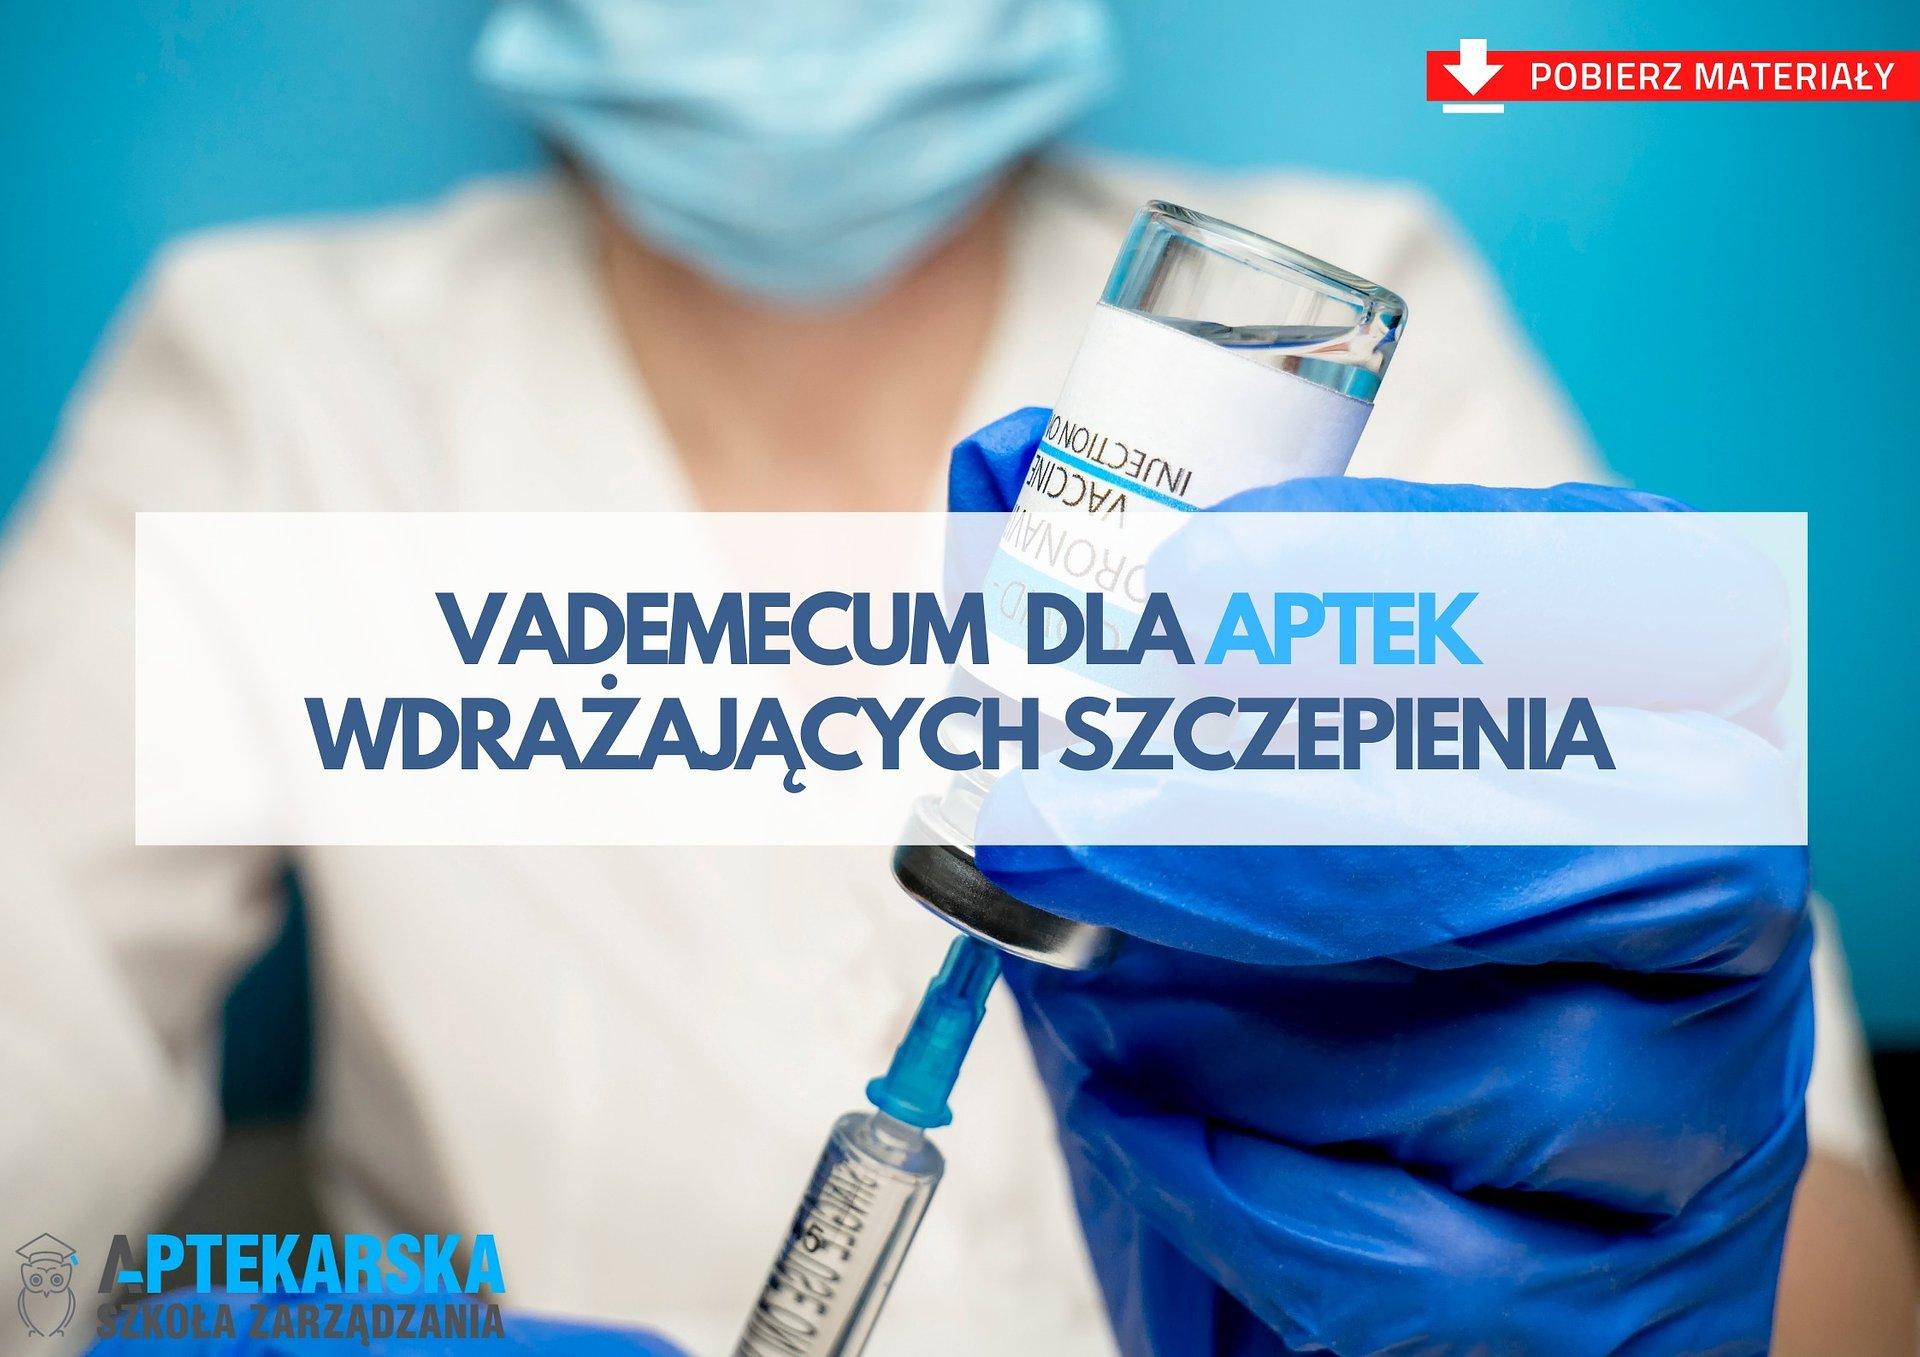 Wsparcie dla aptek wdrażających szczepienia [VADEMECUM]